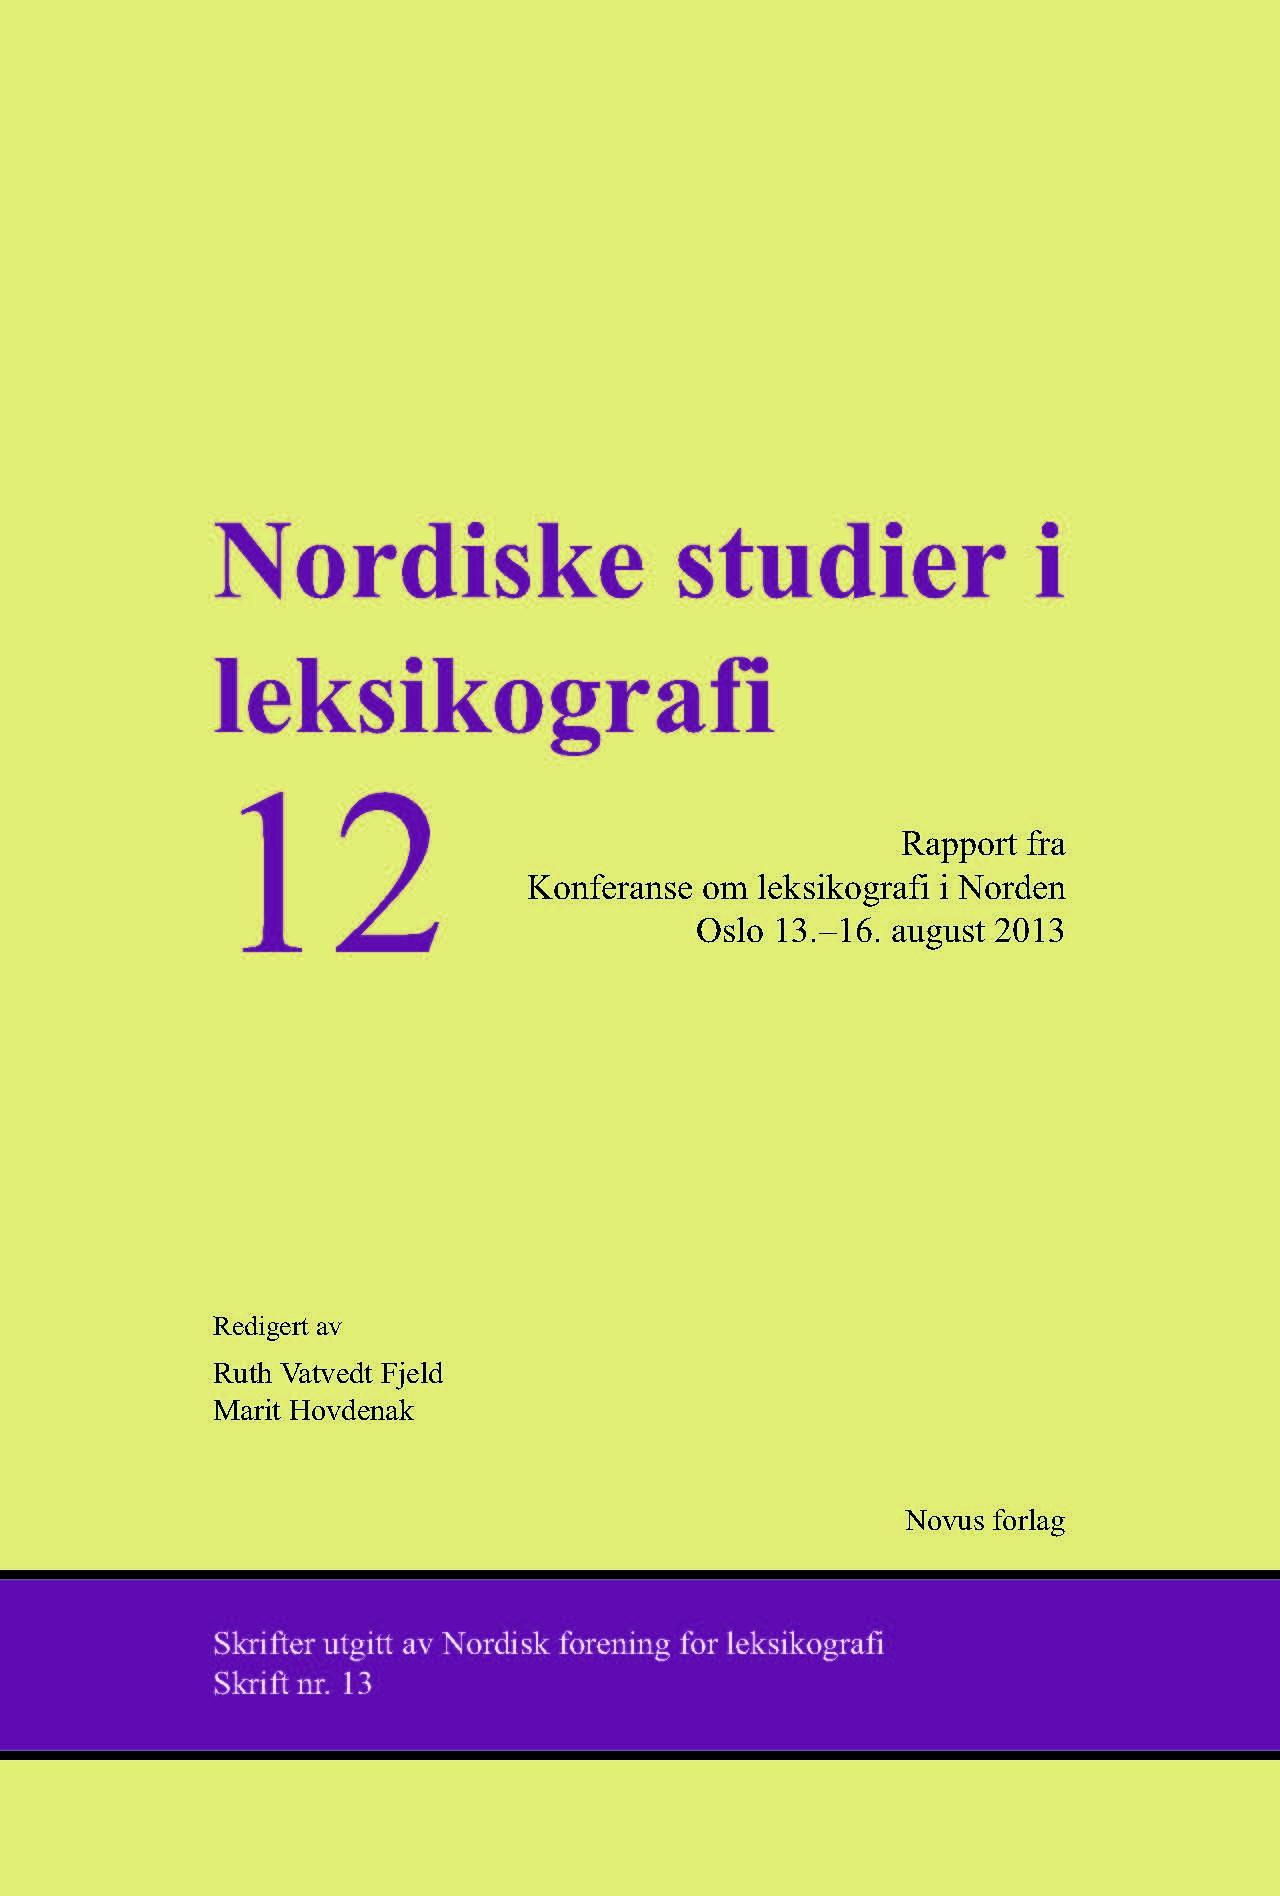 2013: Nordiska Studier i Lexikografi 12